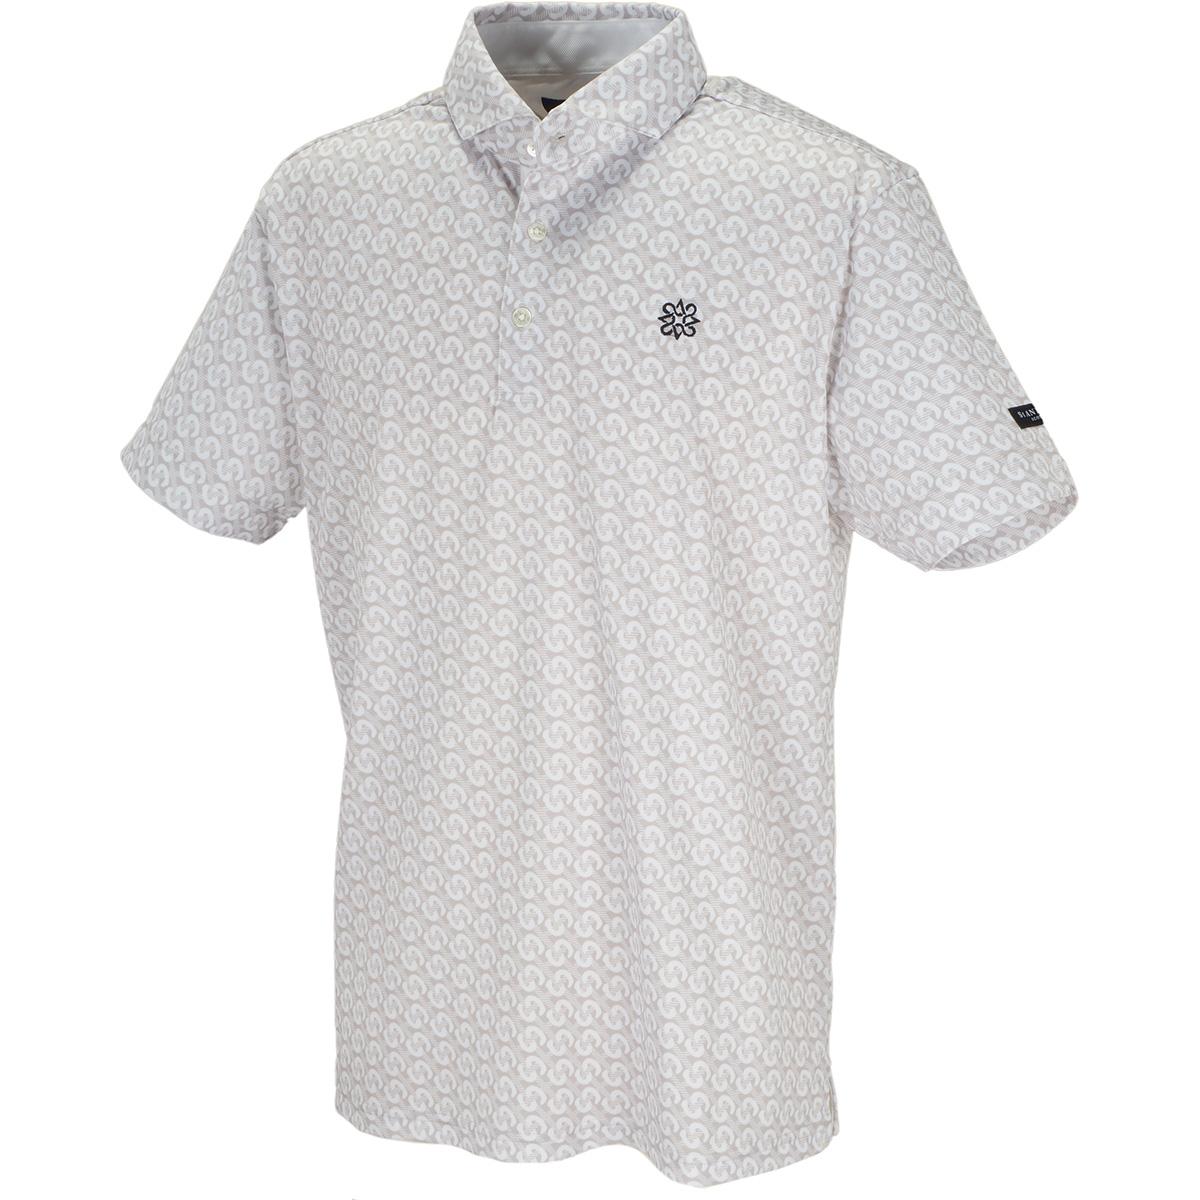 ピケシングルジャージー モノグラムチェックプリント 半袖ポロシャツ